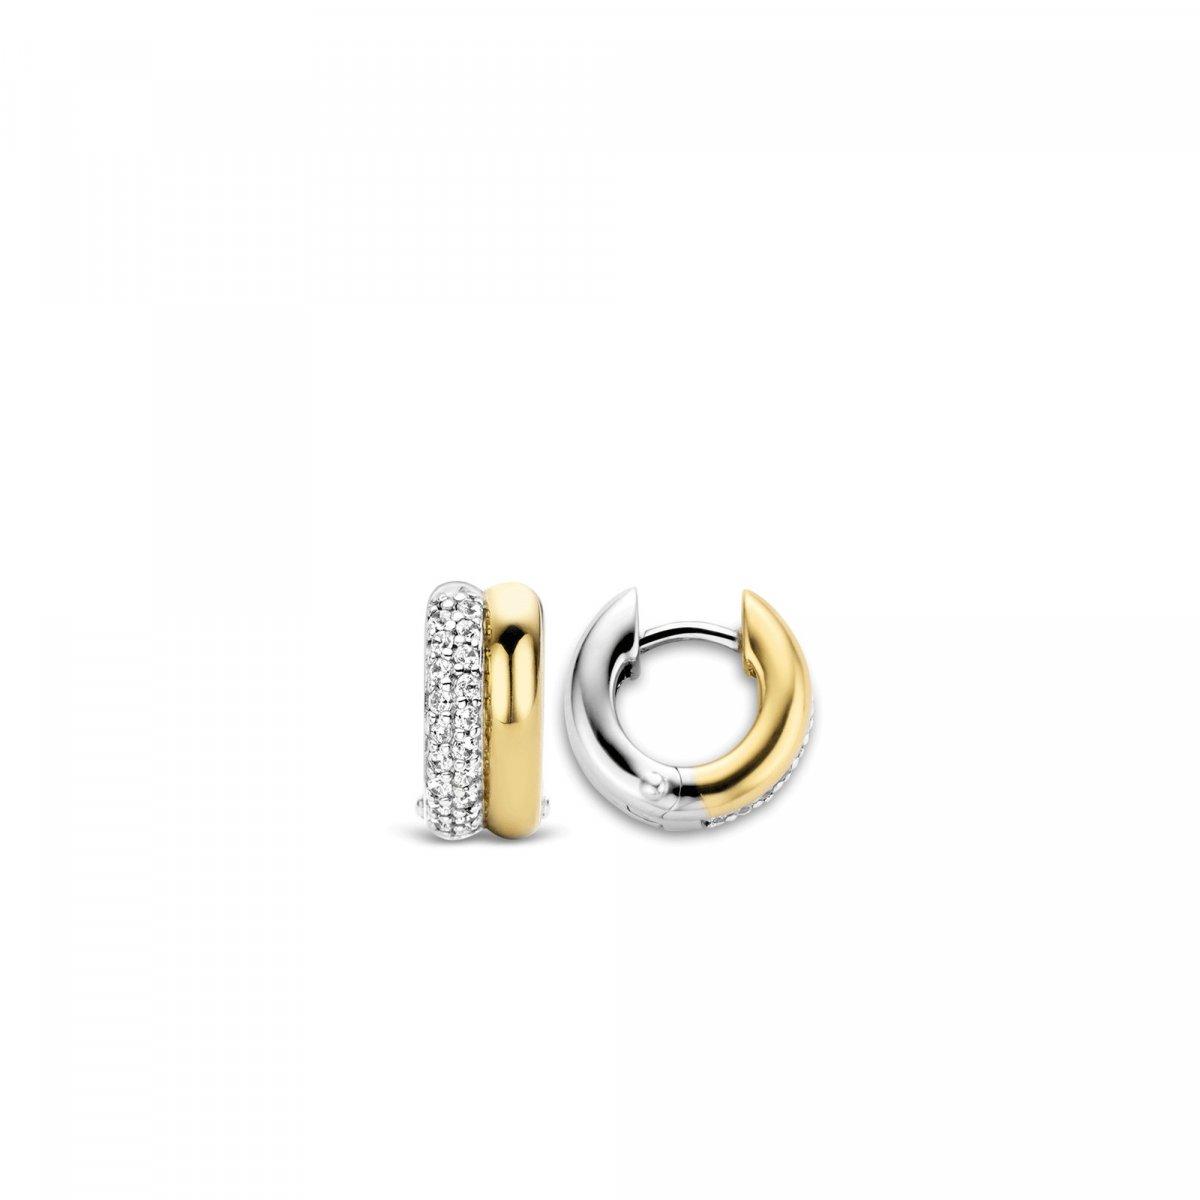 Kruhové náušnice TI SENTO v zlato-striebornom prevedení